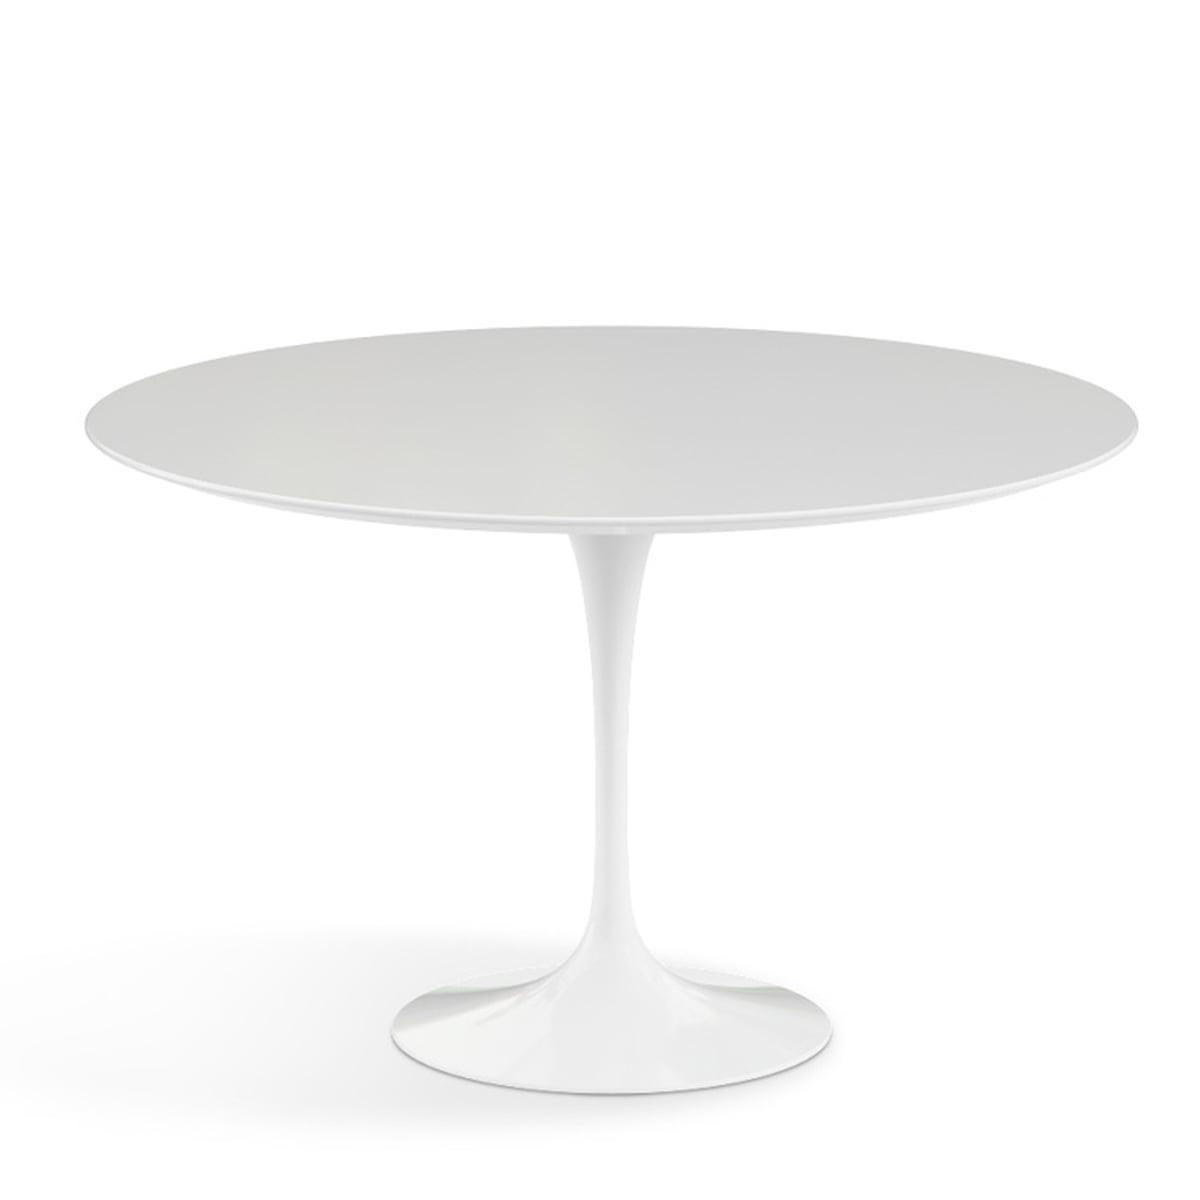 Knoll   Saarinen Tulip Dining Table, Round